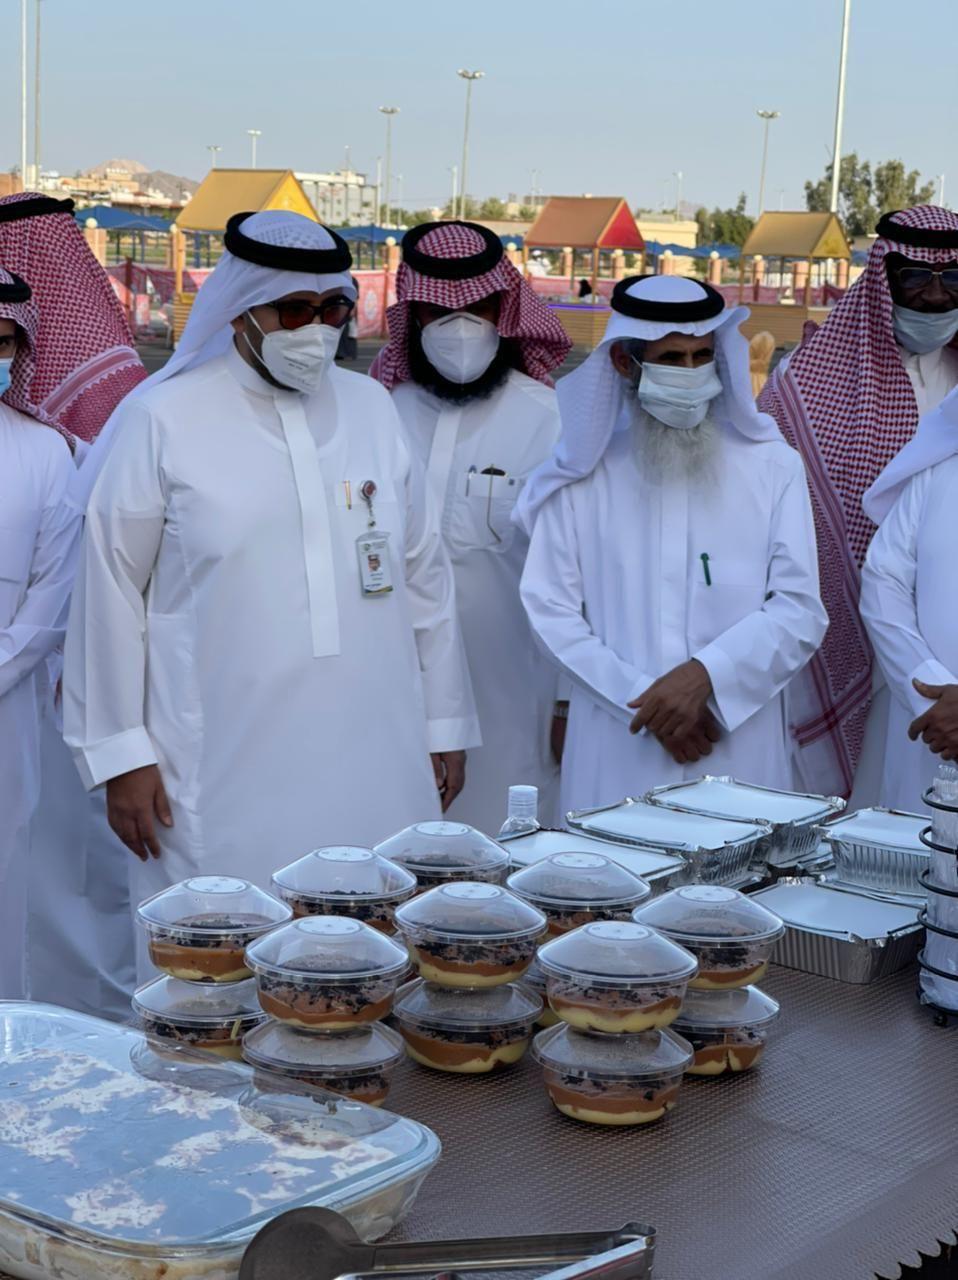 افتتاح السوق الرمضاني في بيشة بمشاركة 90 أسرة منتجة - المواطن